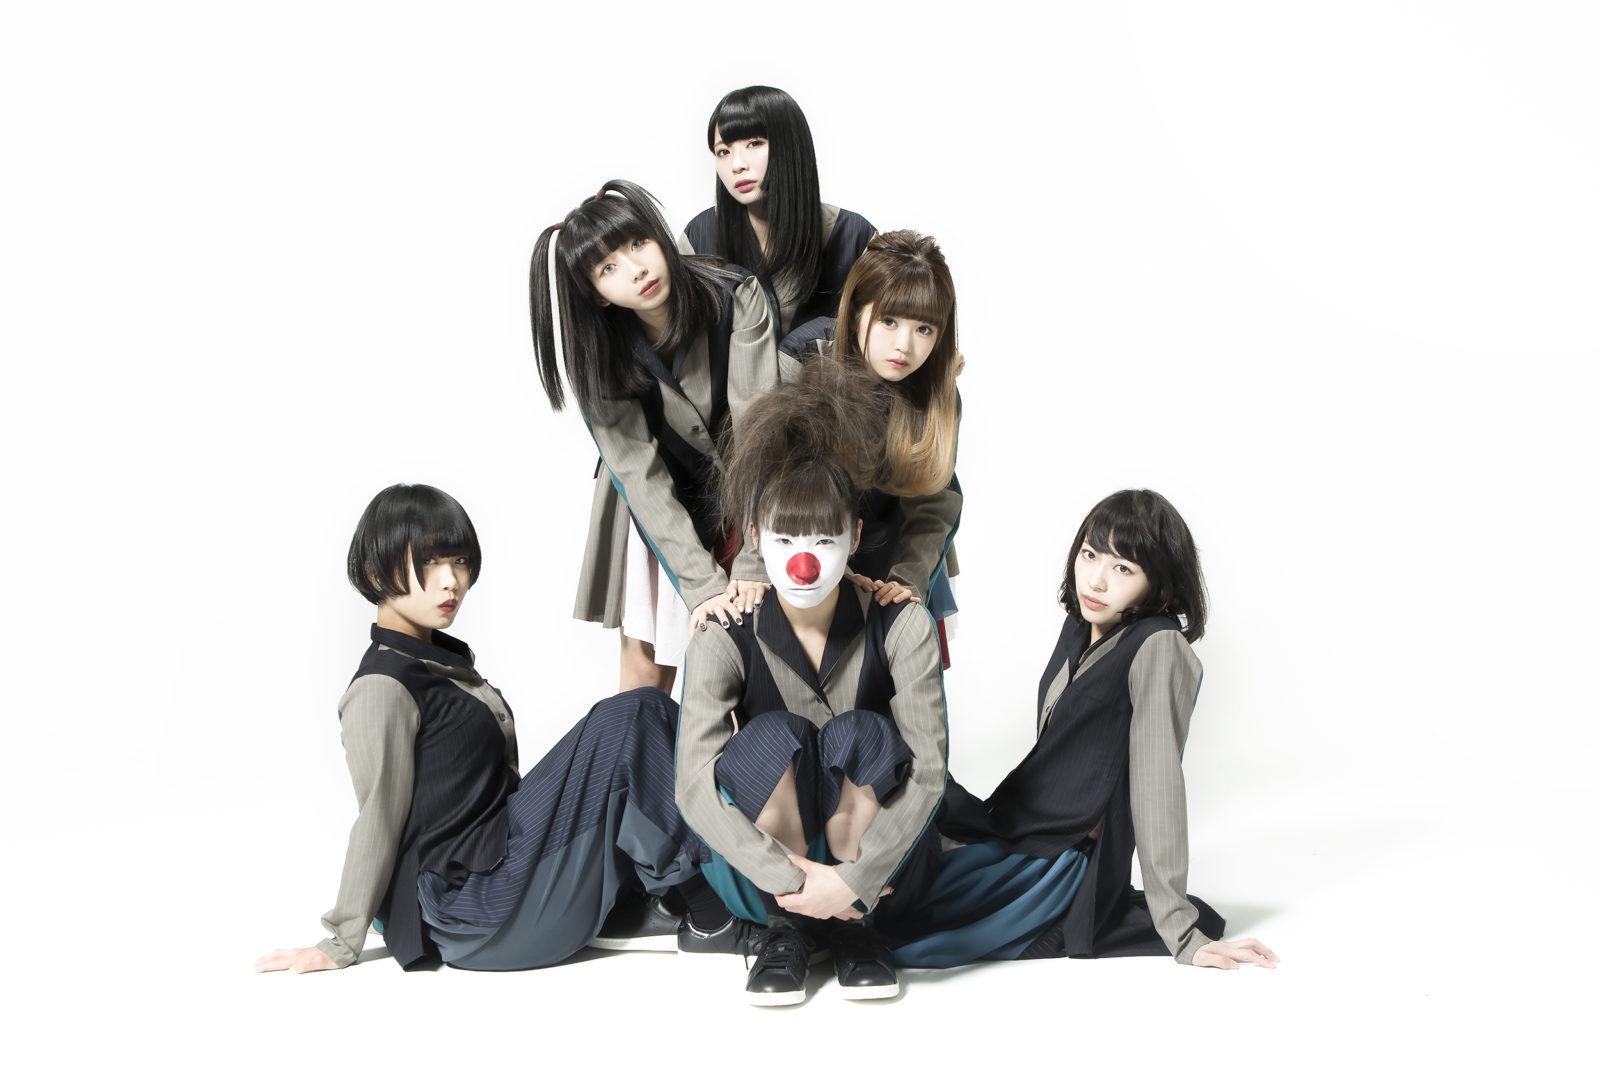 BiS、メンバー入れ替え戦『BiS.LEAGUE』詳細&新曲タイトルを発表!サムネイル画像